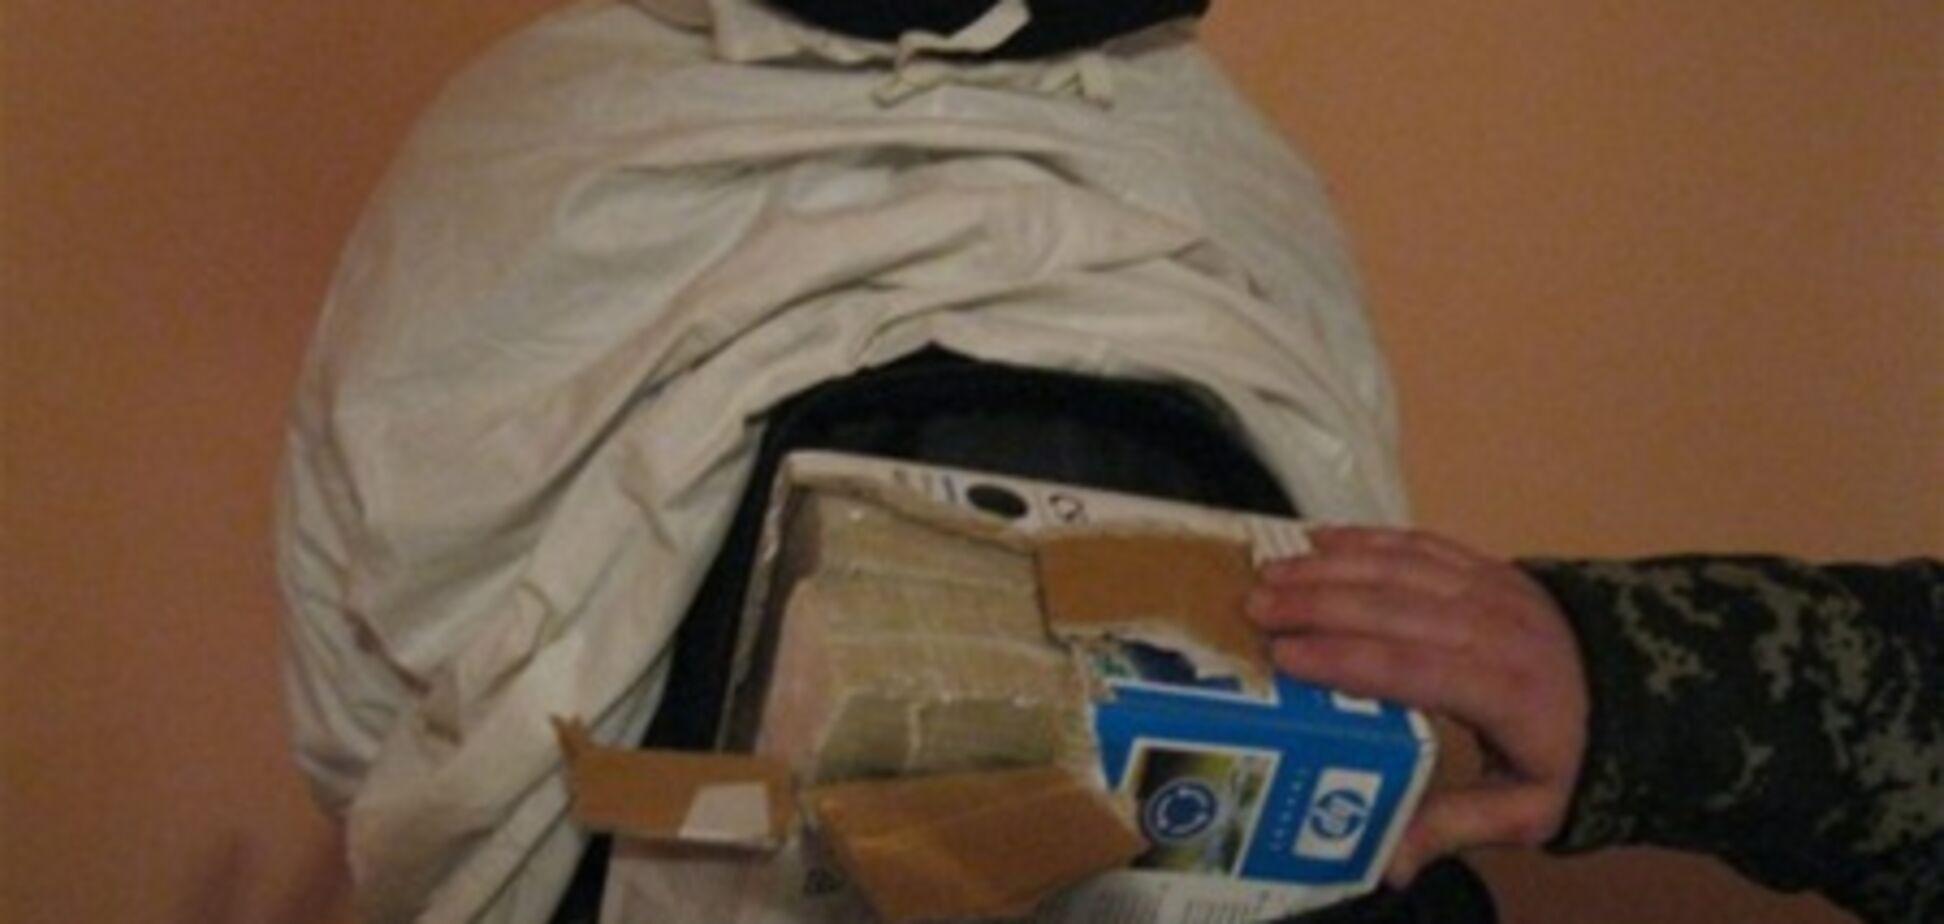 Прикордонники затримали двох білорусів у масхалат з $ 2,4 млн під ними